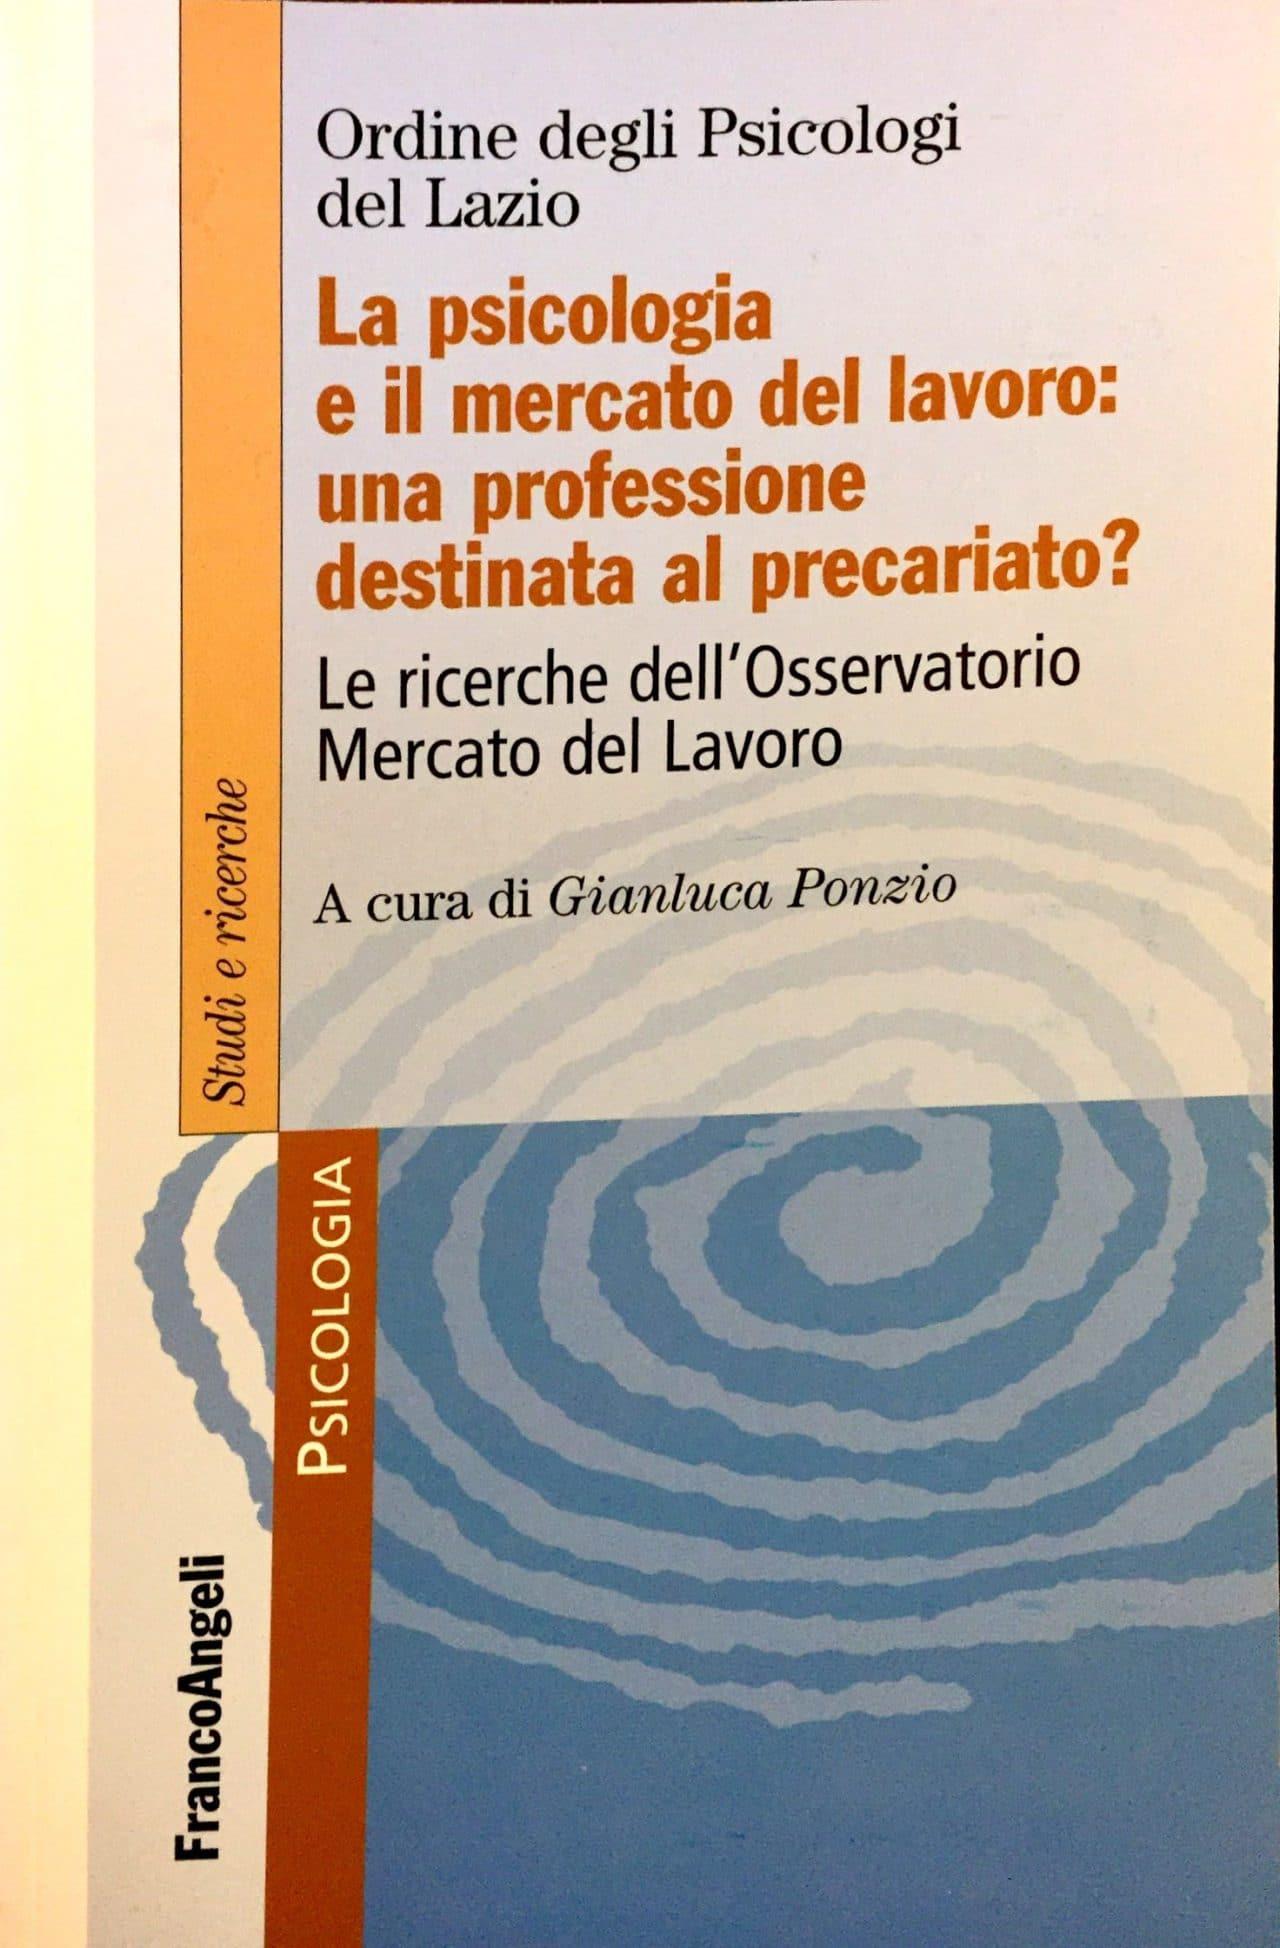 La Psicologia E Il Mercato Del Lavoro: Una Professione Destinata Al Precariato? Le Ricerche Dell'Osservatorio Mercato Del Lavoro